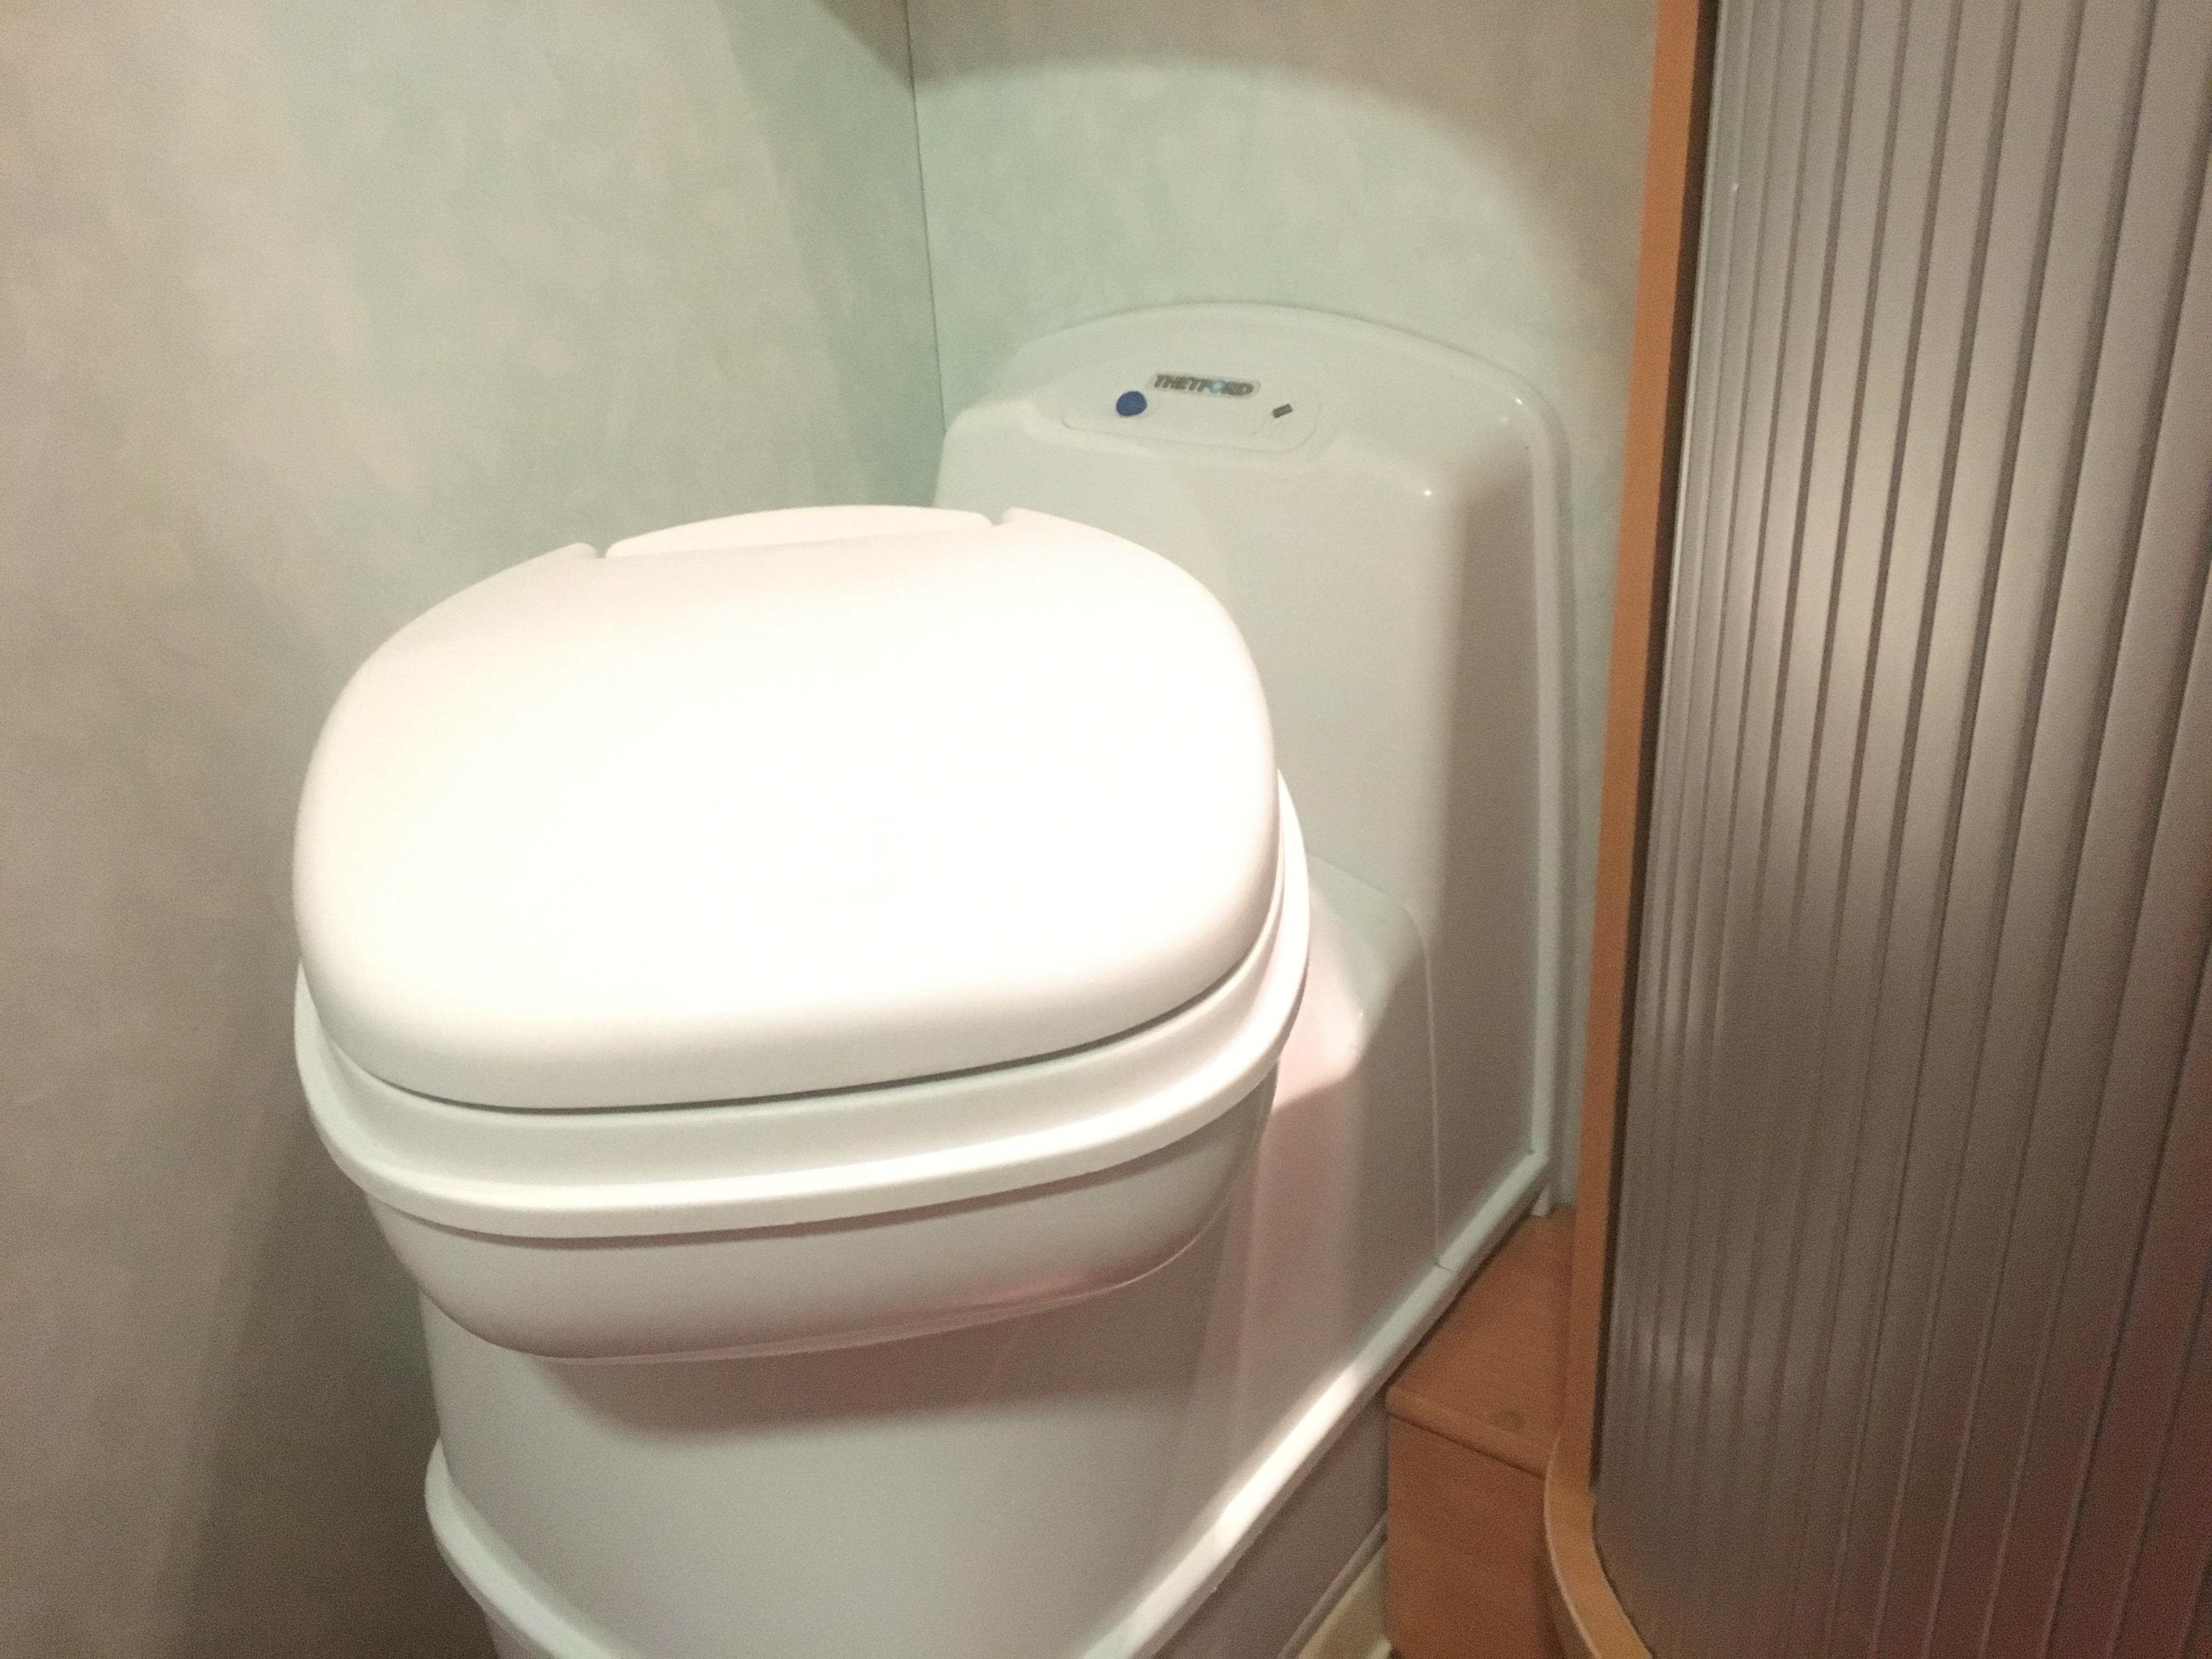 Come funziona il wc chimico in camper mamma in viaggio